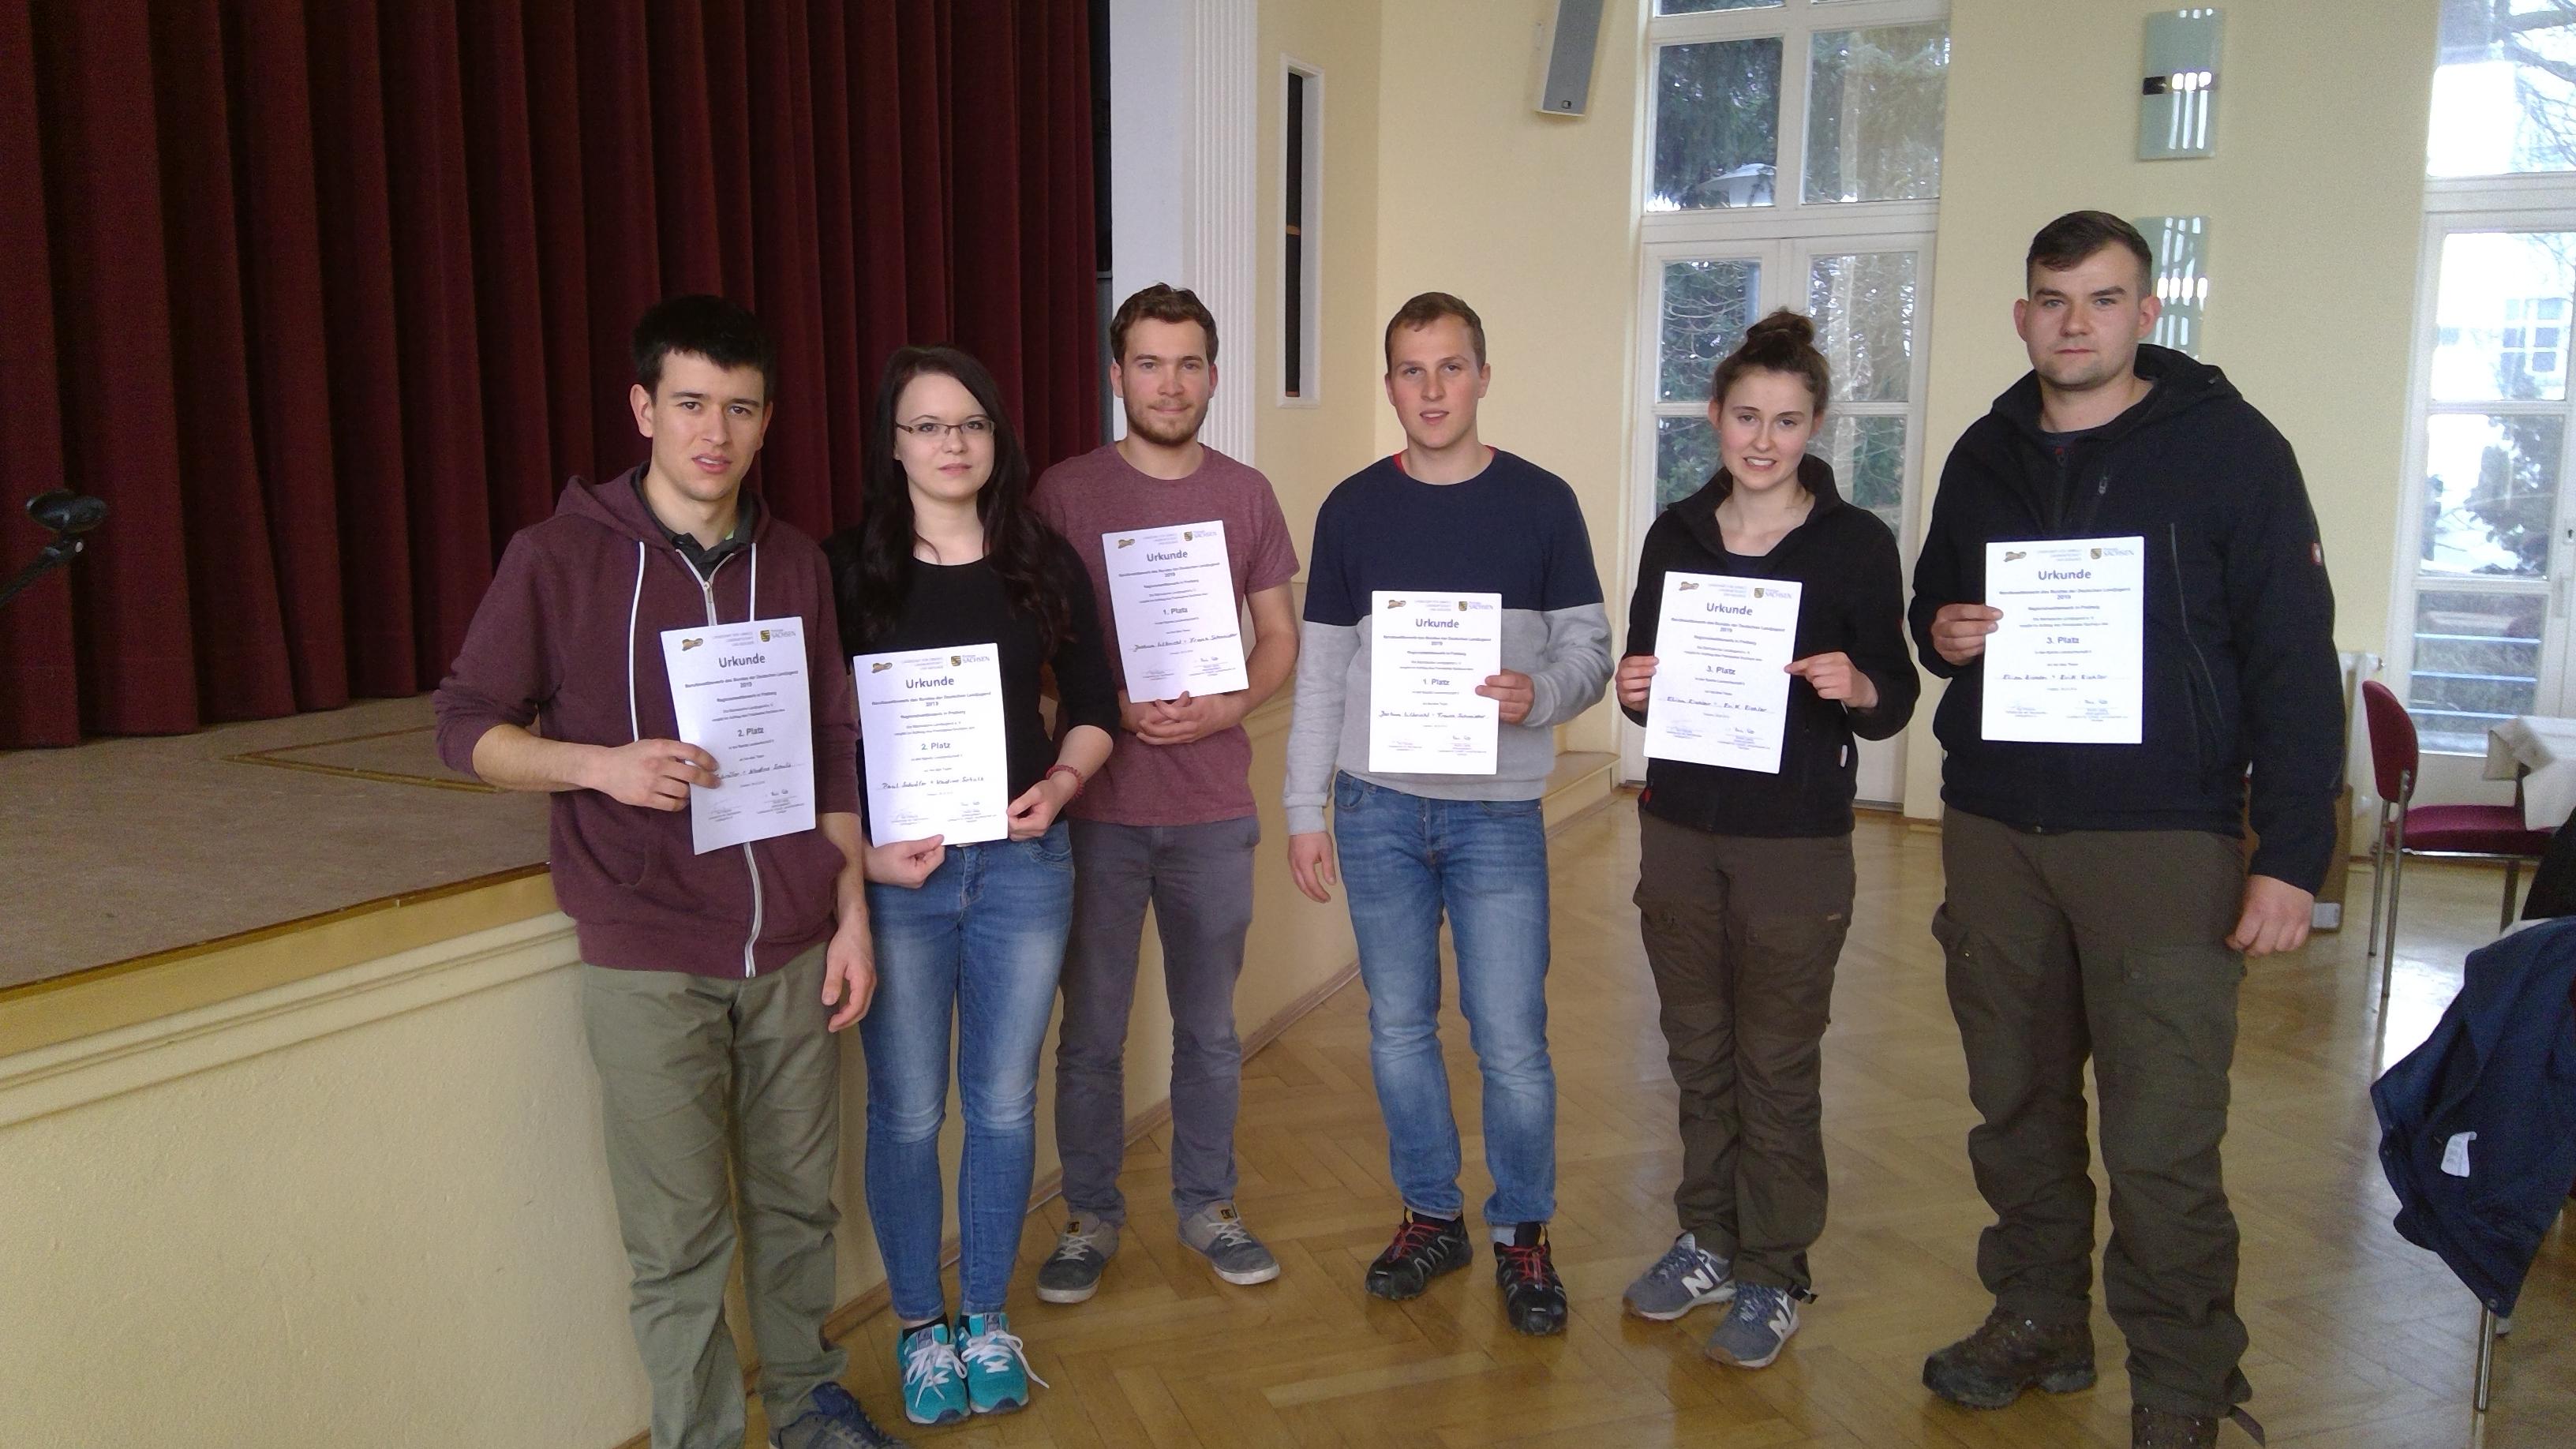 Paul Schröter, Nadine Schulz, Franz Schneider, Joshua Ulbricht, Elisa und Erik Eichler (v. links)